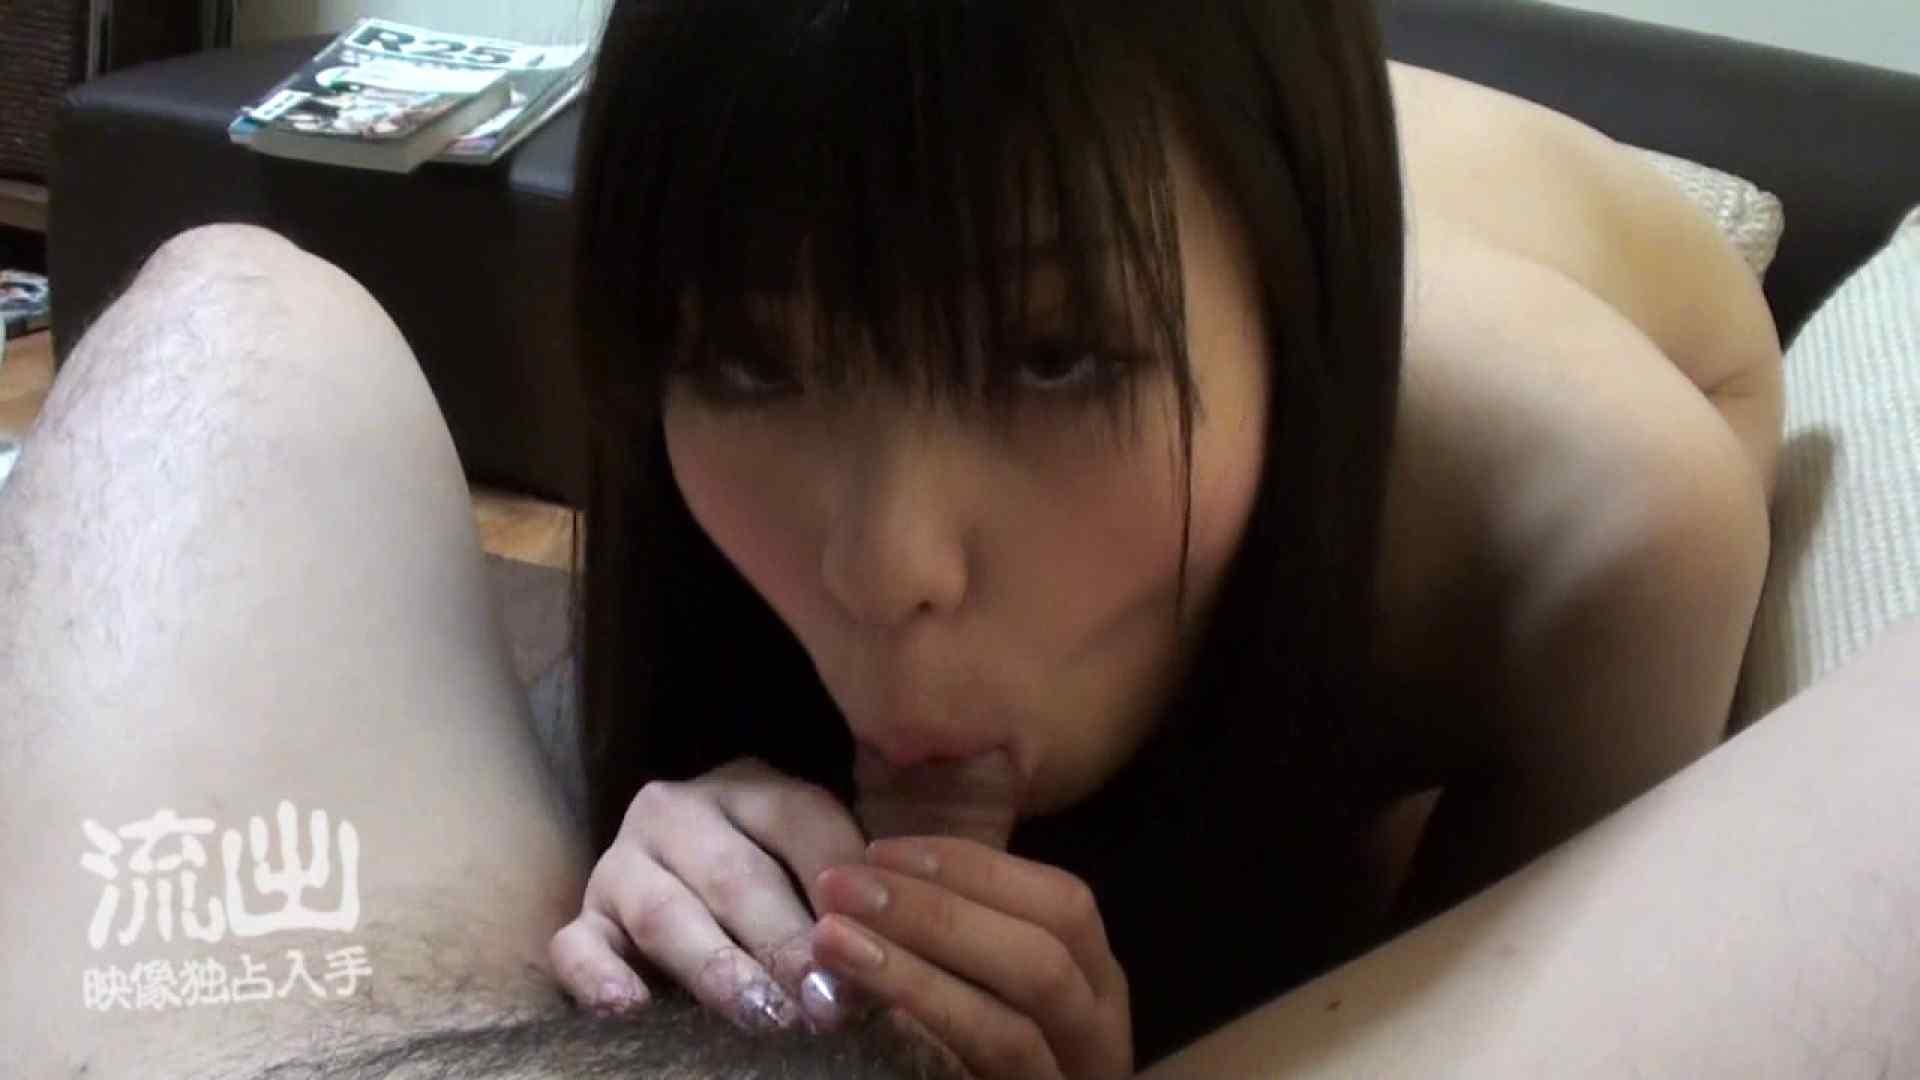 素人流出動画 都内在住マモルくんのファイルvol.2 素人流出 AV無料動画キャプチャ 97PIX 86